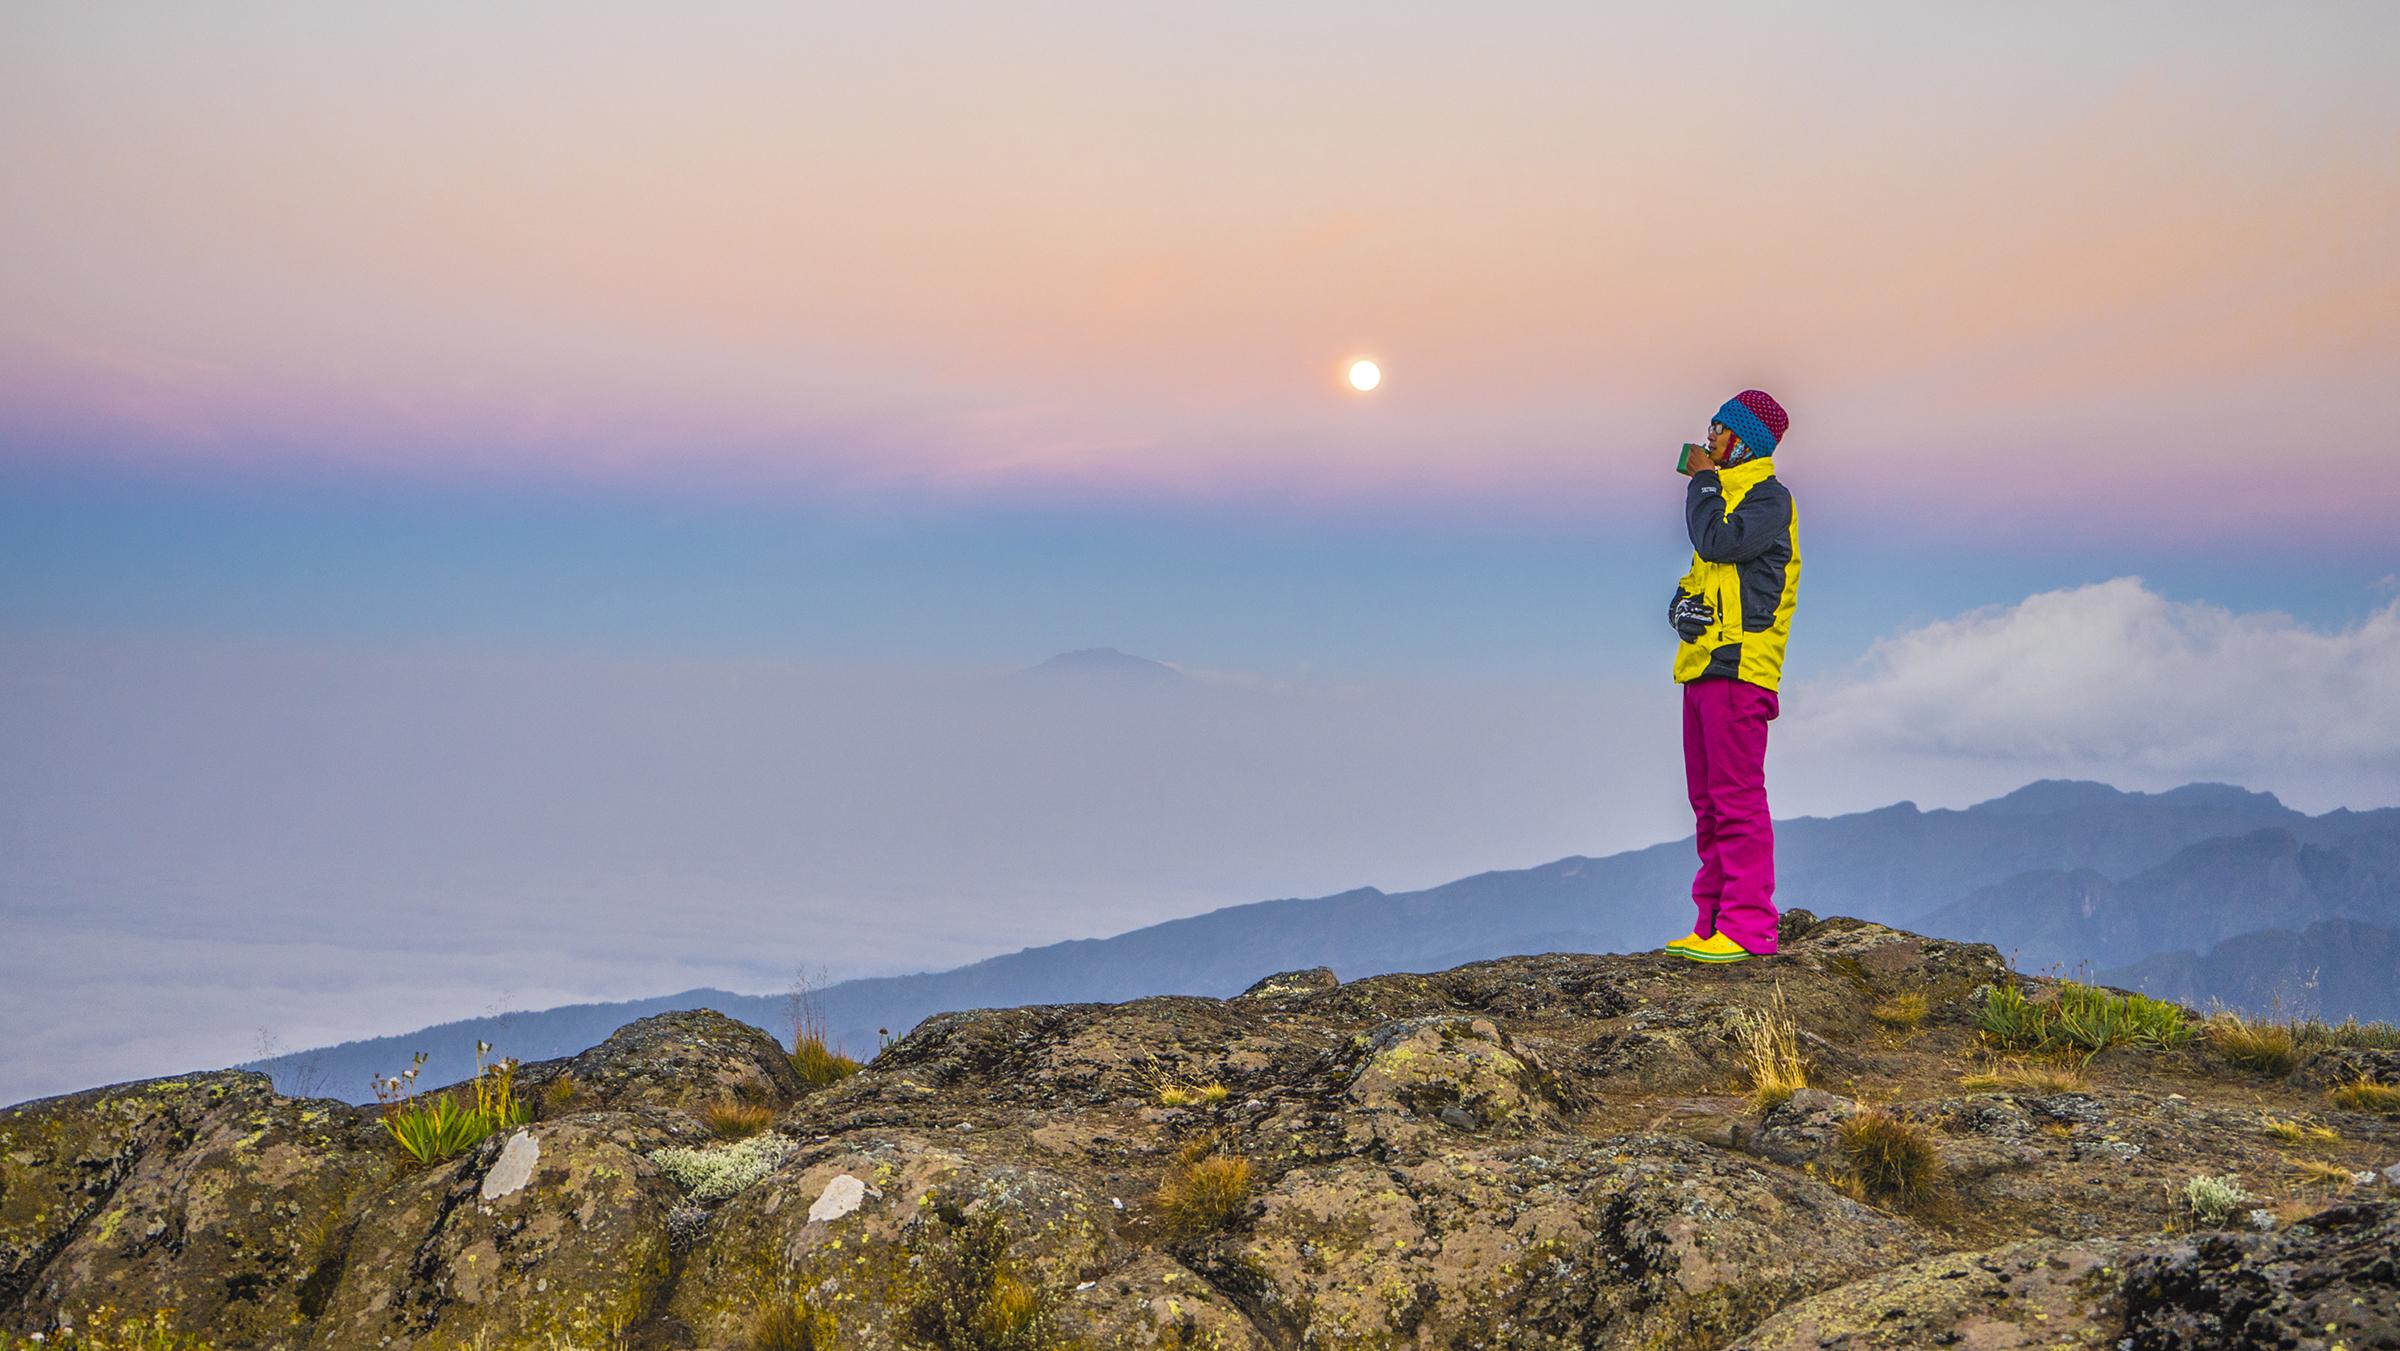 Kilimanjaro: Hết ngày dài lại đêm thâu, chúng ta đi leo núi Phi châu - Ảnh 22.